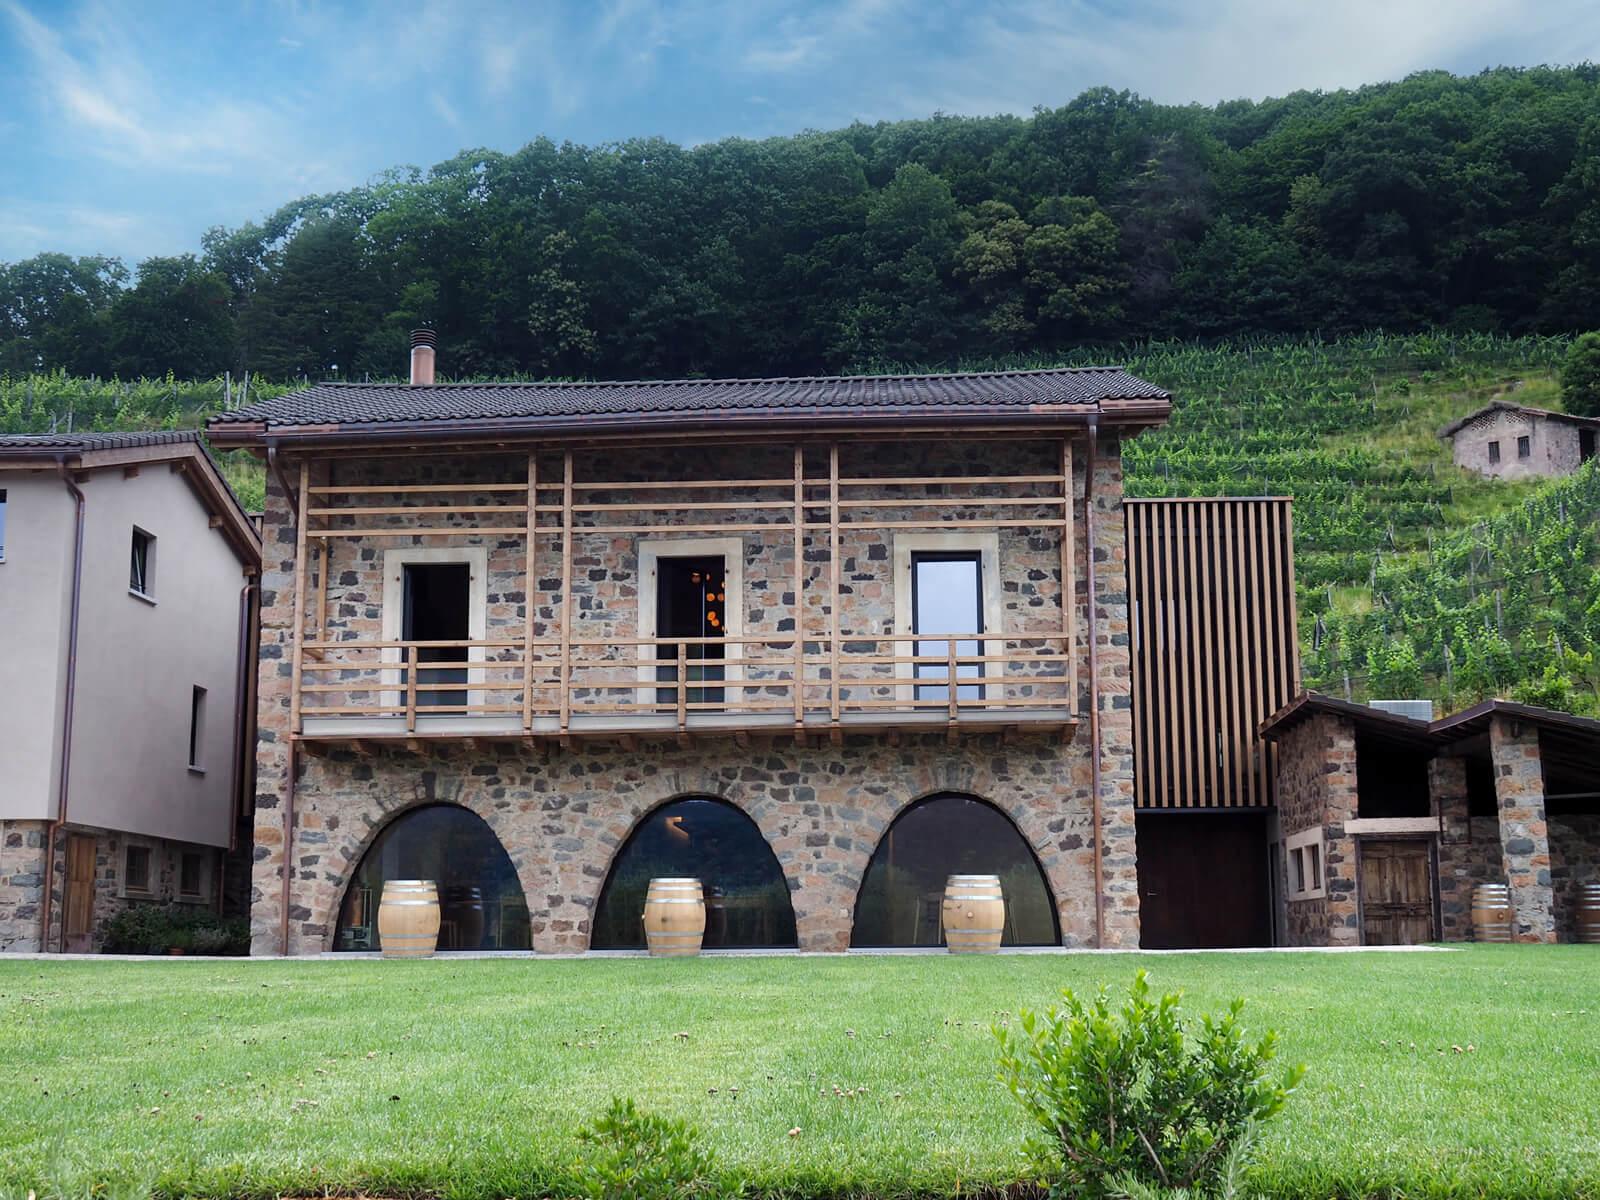 Tenuta Castello Morcote Vineyard